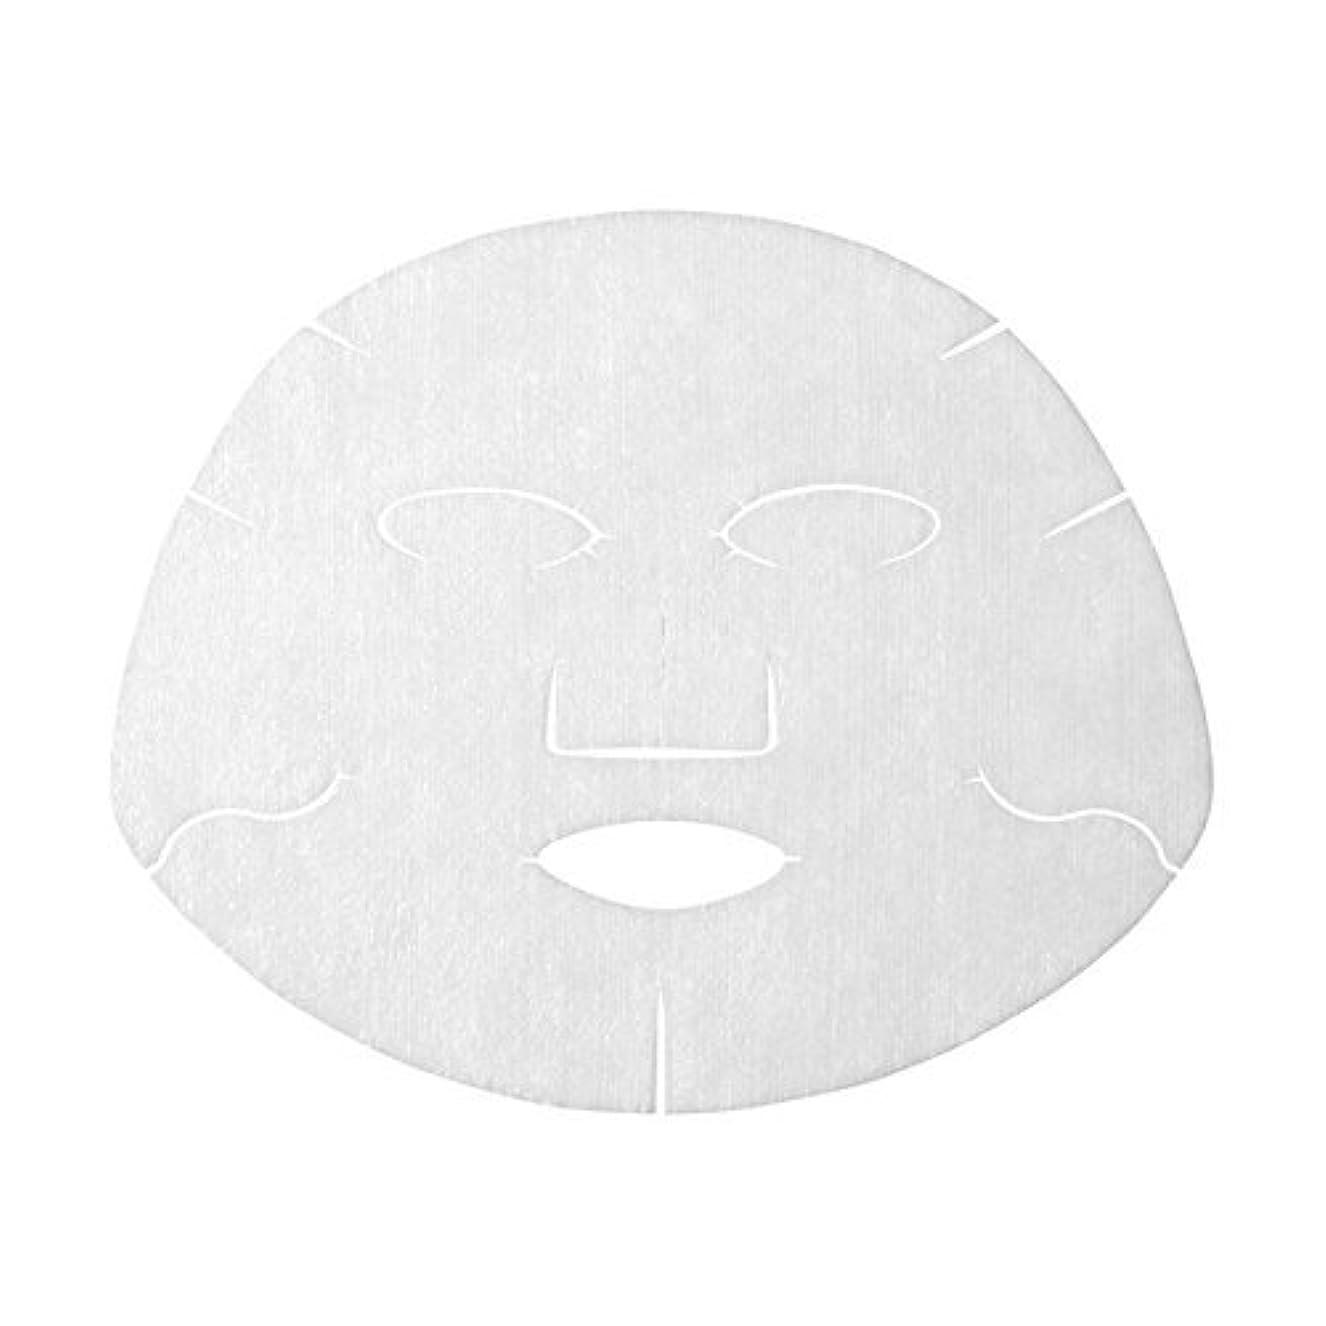 目指すネーピア証人アクアレーベル モイストチャージマスク <1枚入り> 23mLX1枚 ×6個